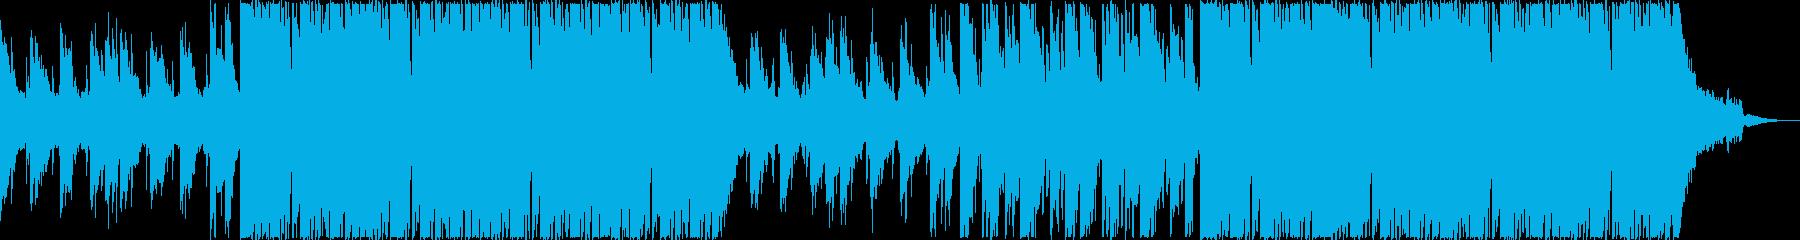 洋楽・おしゃれフューチャーR&B・BGMの再生済みの波形